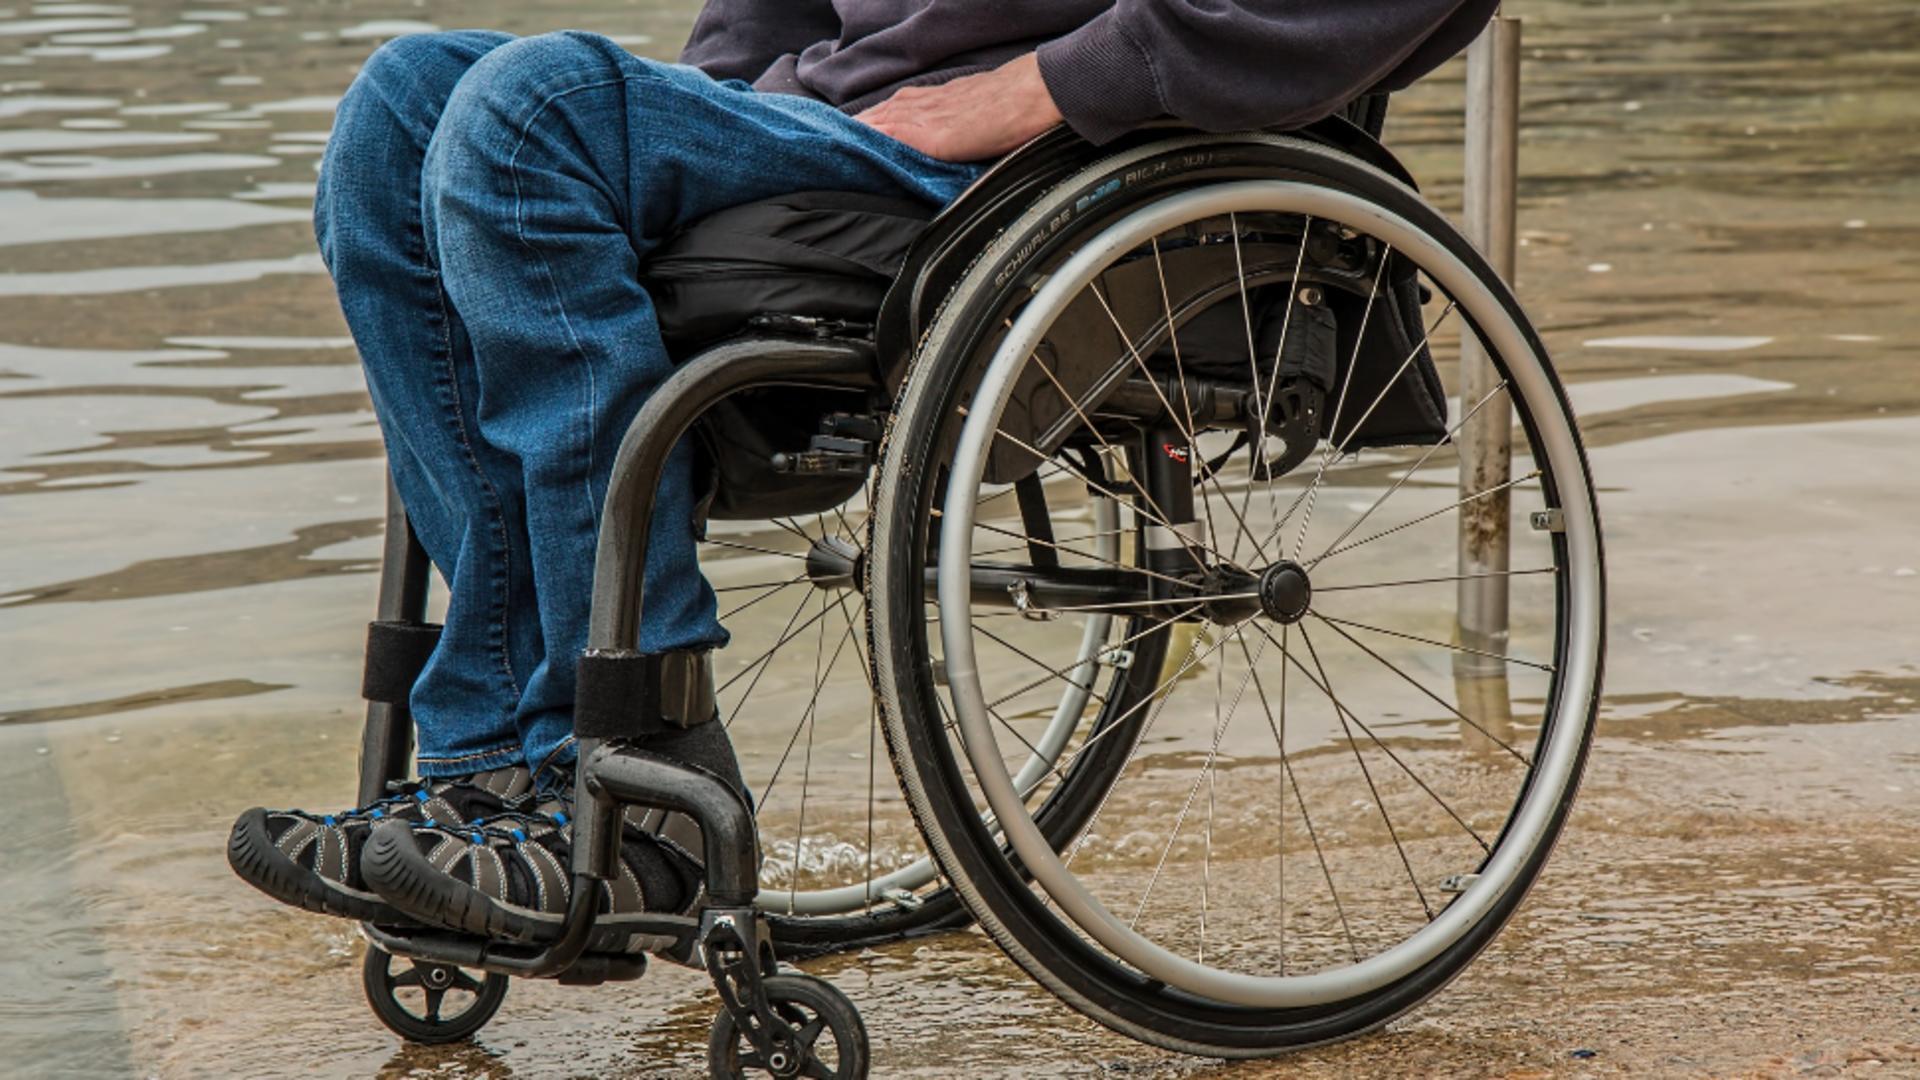 Capitala, coșmarul persoanelor cu dizabilități. Sursa foto: Pixabay